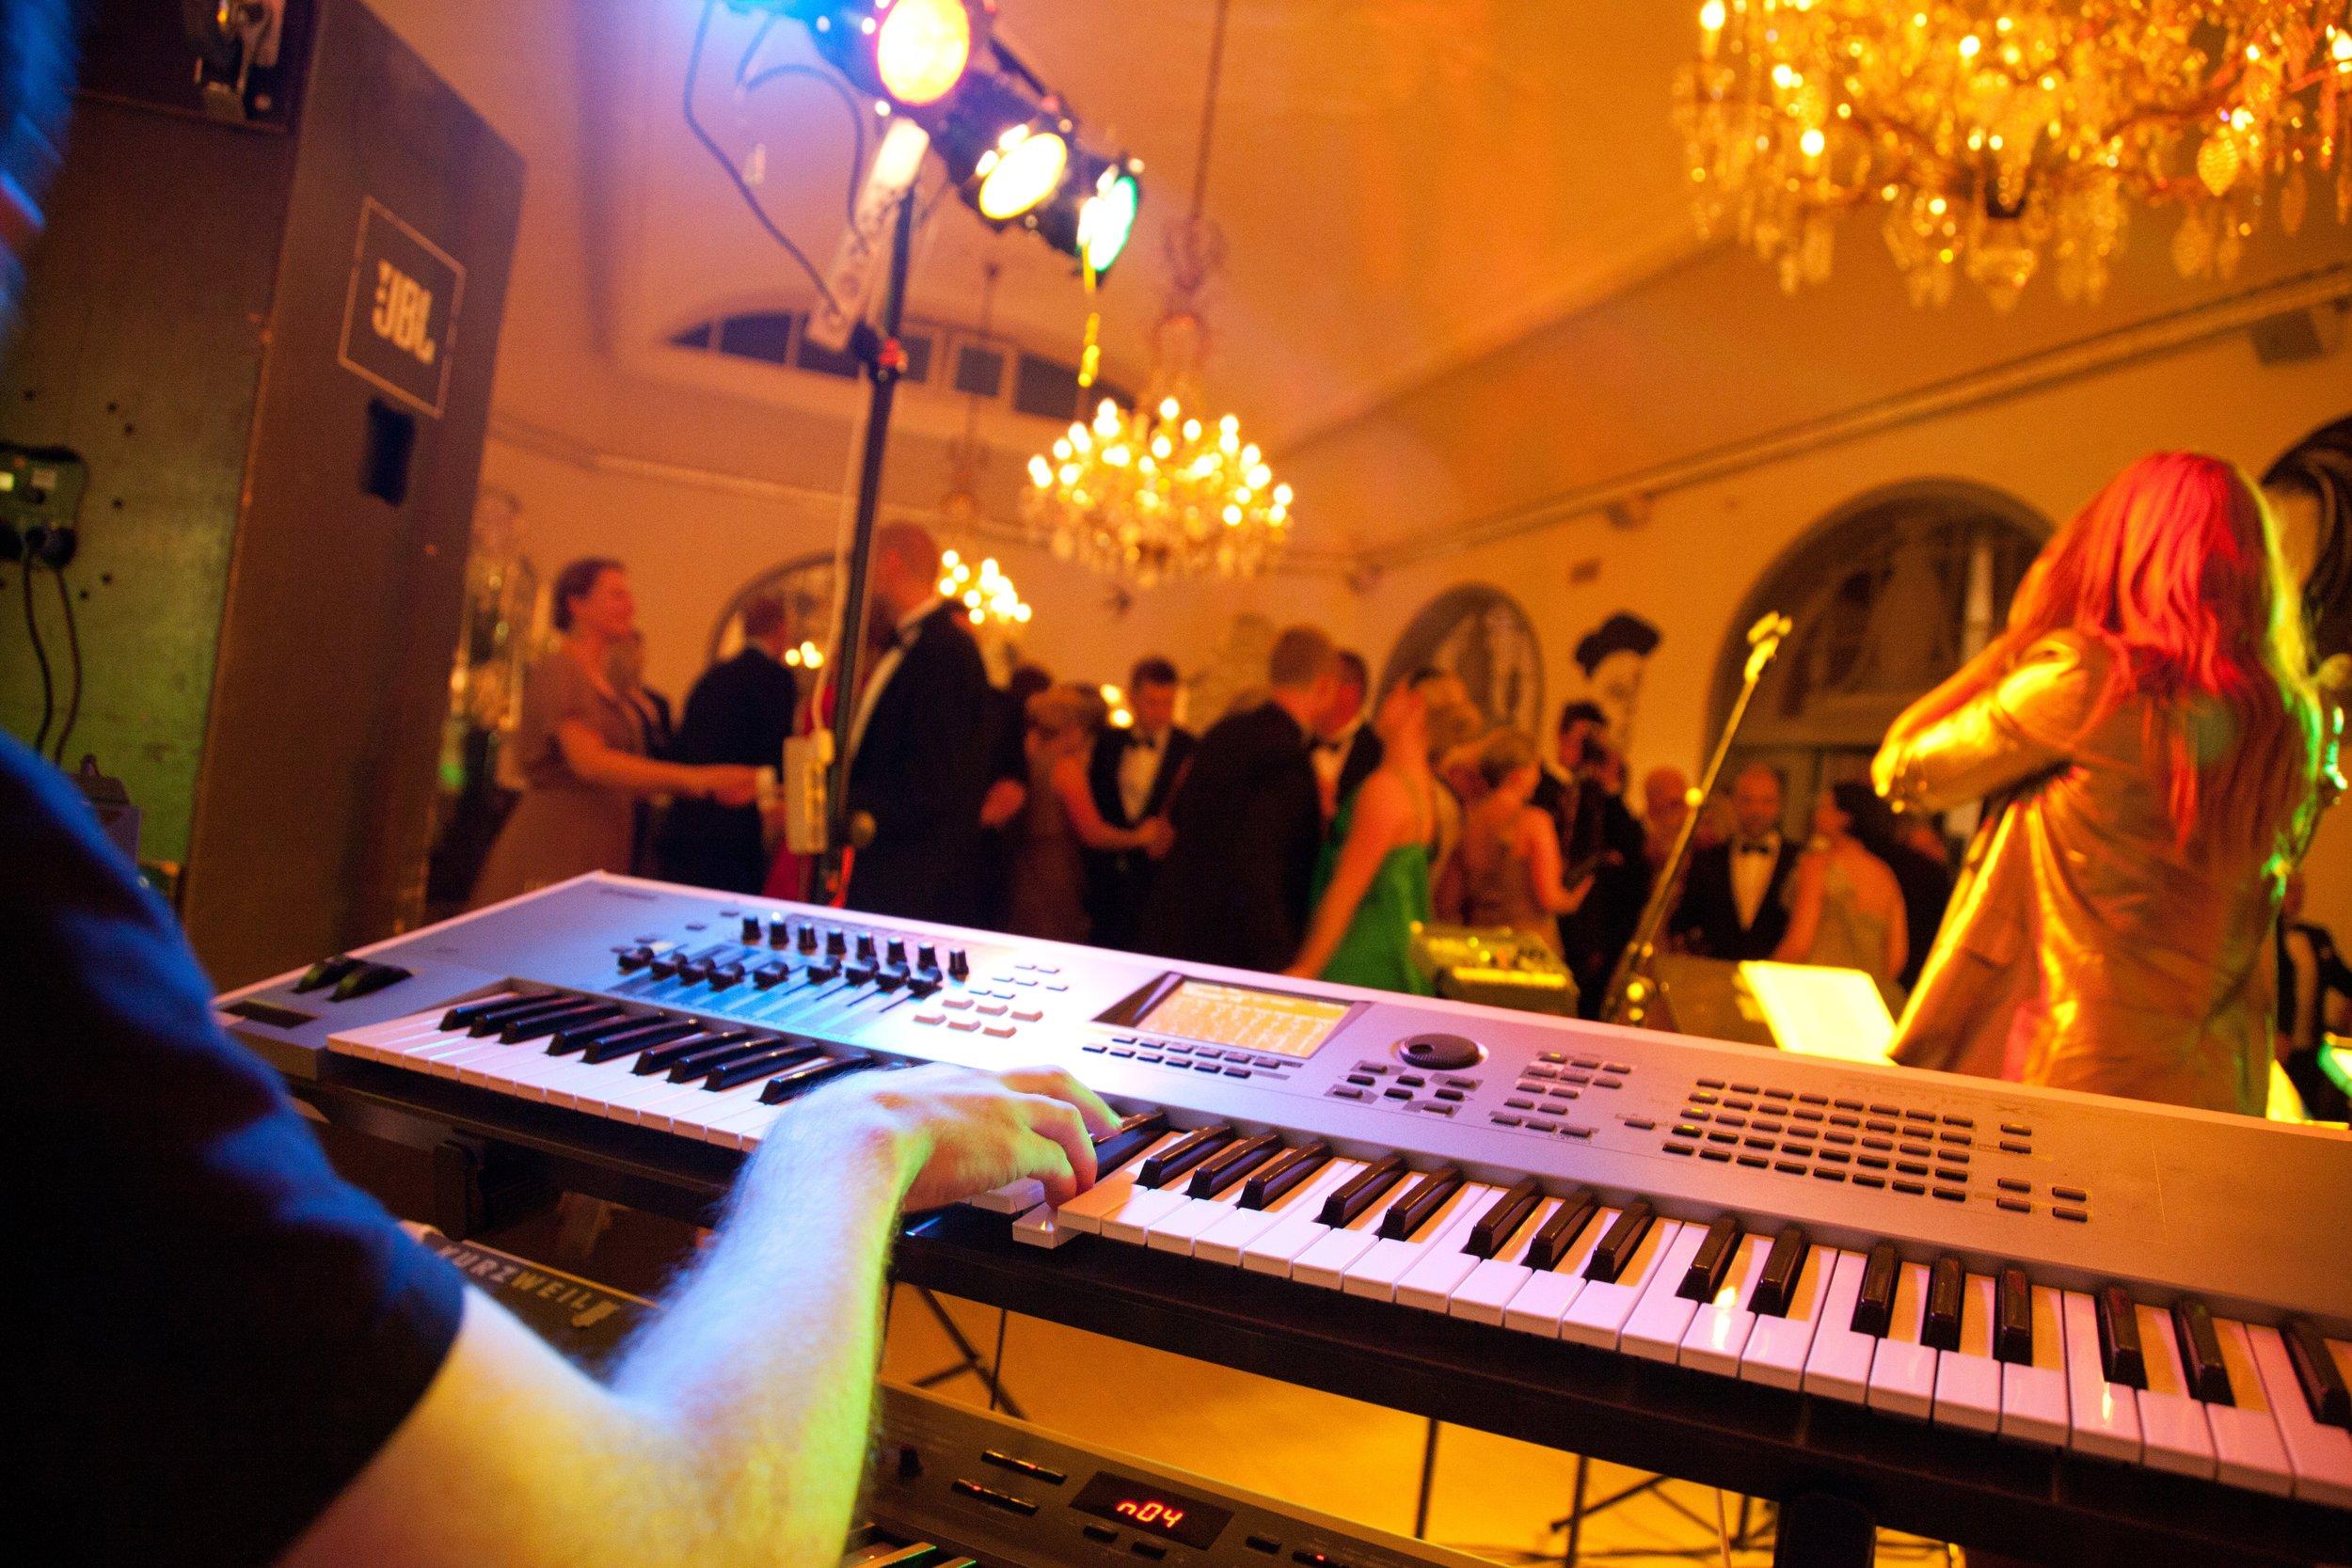 music-musical-instrument-musician-1684228.jpg